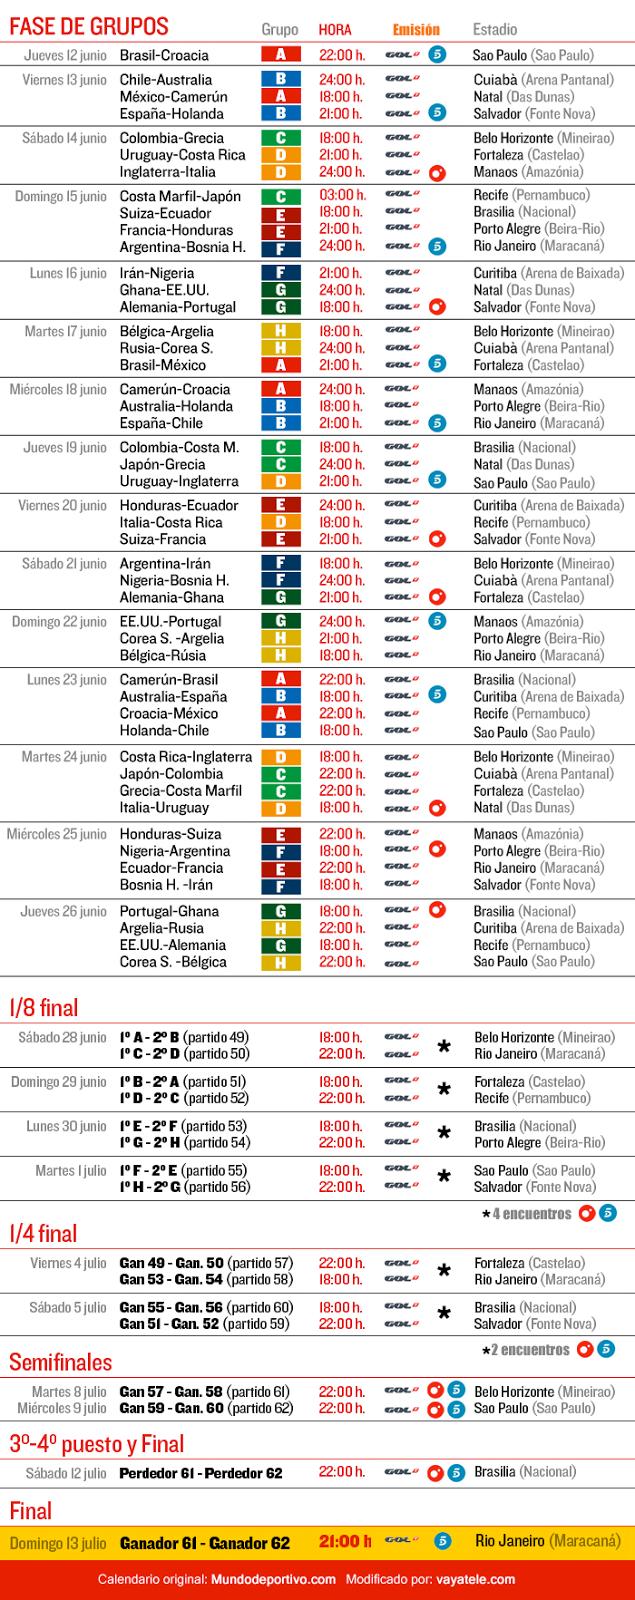 Calendario partidos Brasil 2014